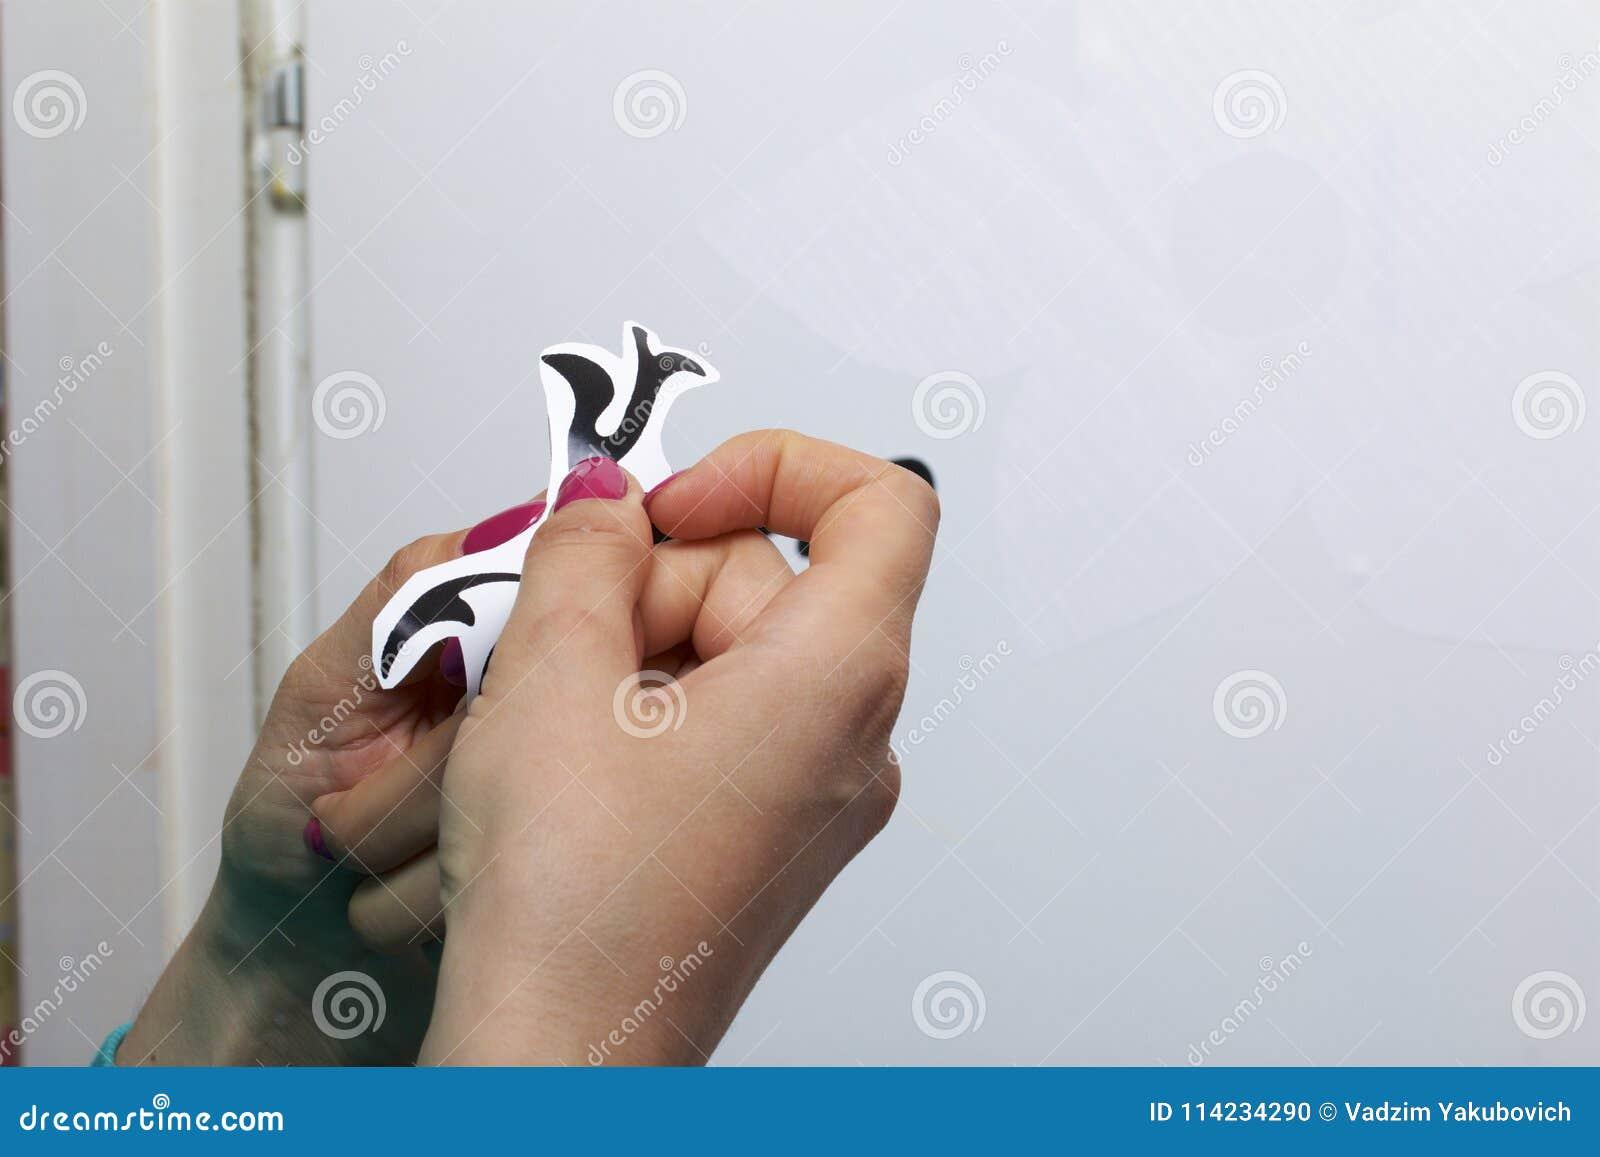 Девушка клеит элементы отрезка вне от бумаги само-прилипателя, для того чтобы замаскировать дефекты белой двери